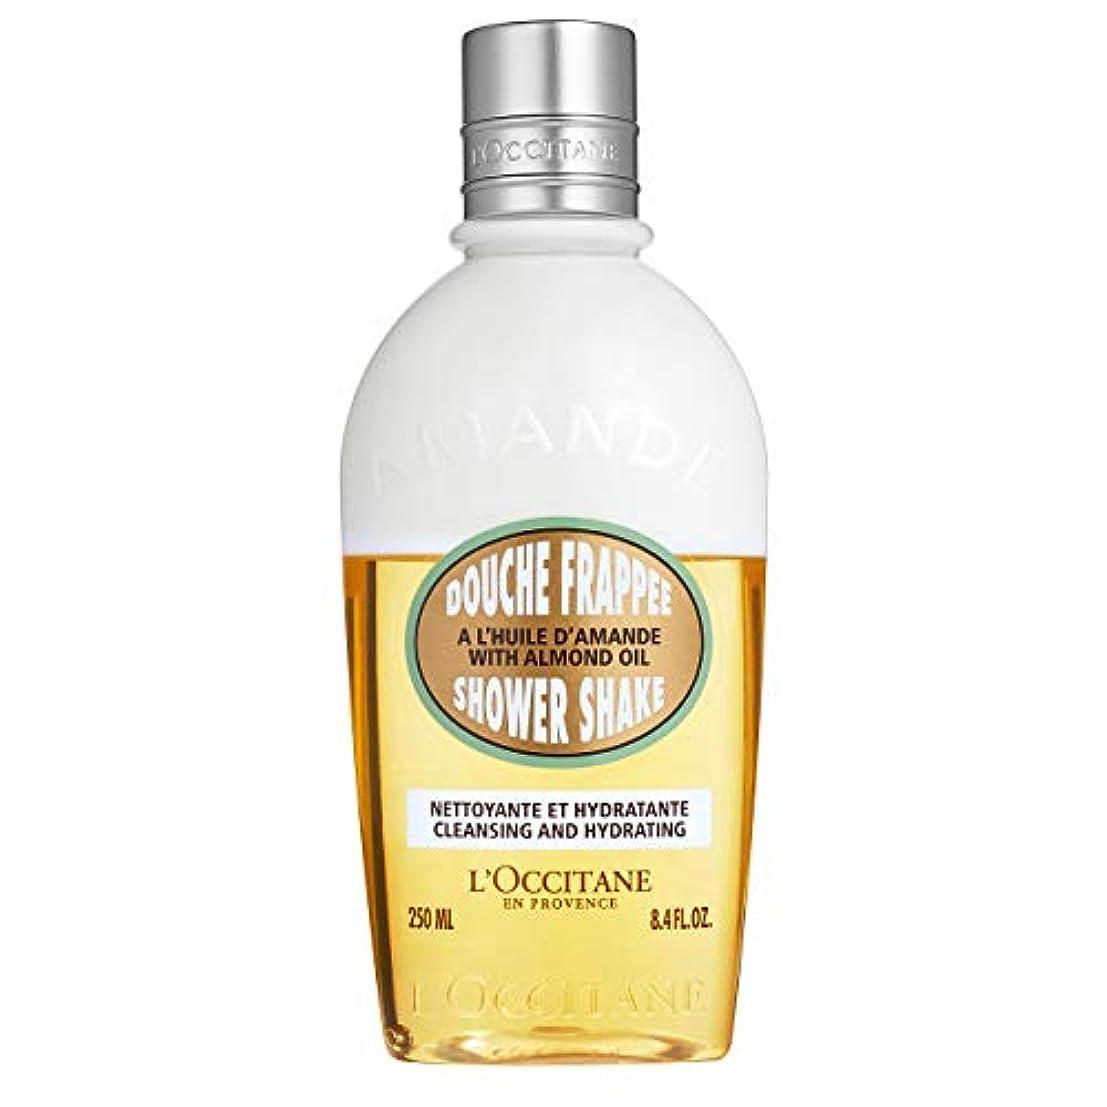 針浸すイサカロクシタン(L'OCCITANE) アーモンド ミルクシャワーシェイク 250ml(ボディ用洗浄料)